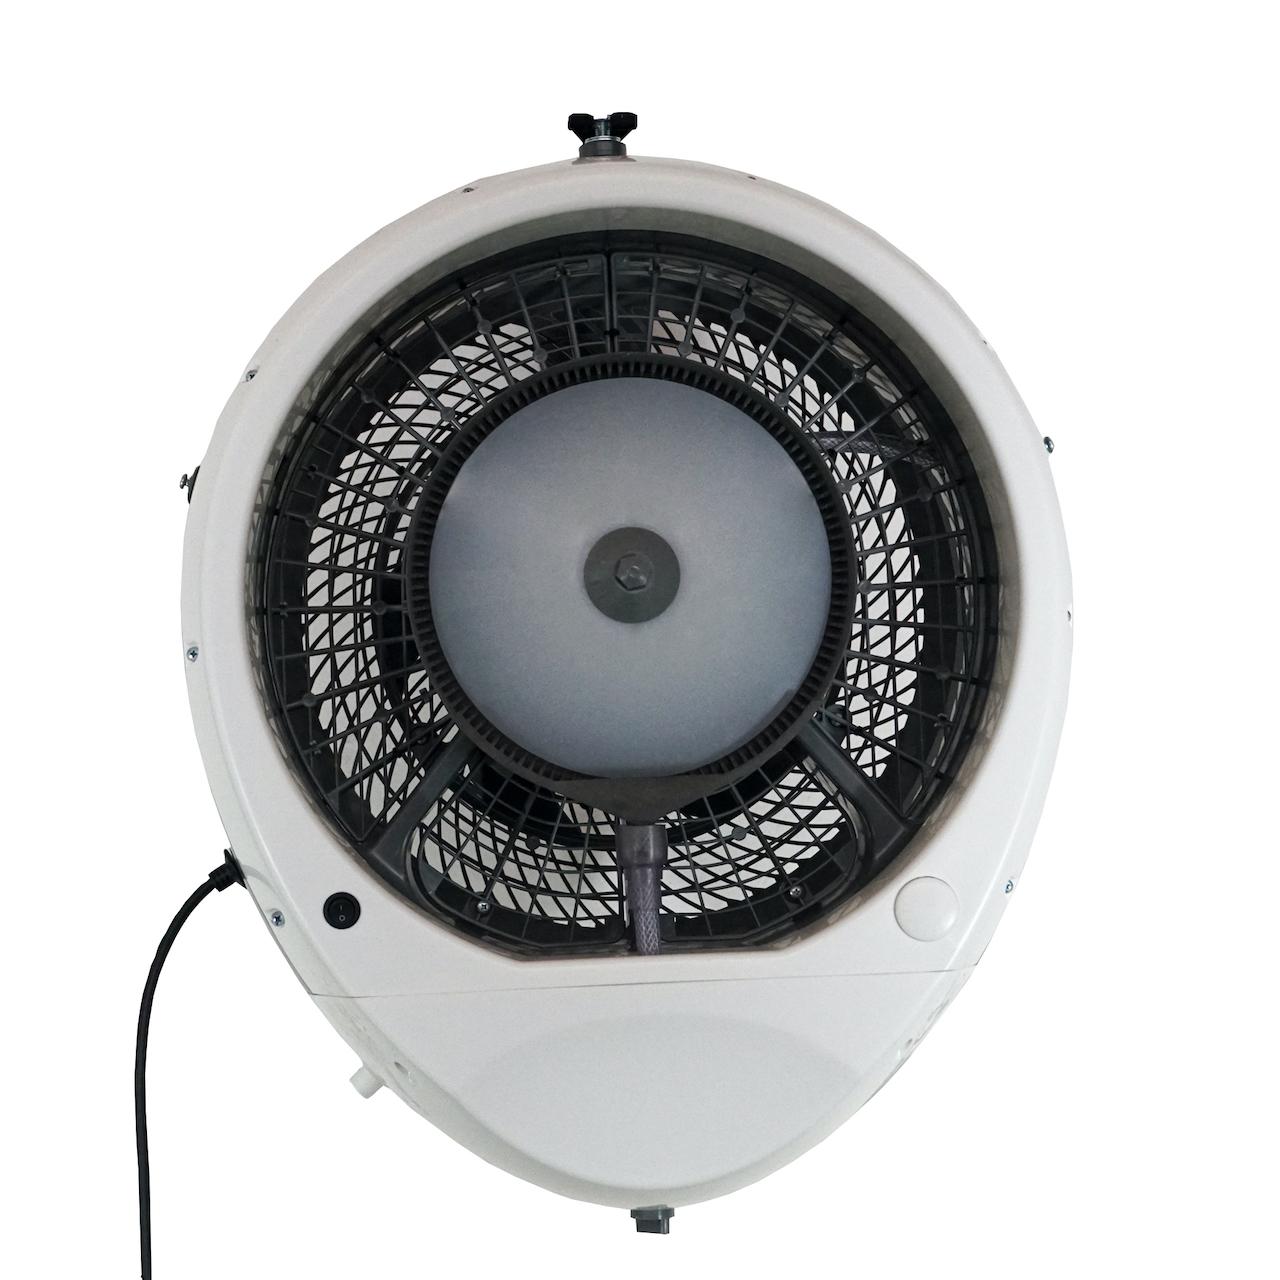 EcoJet Hurricane Wall Mount Misting Fan in White